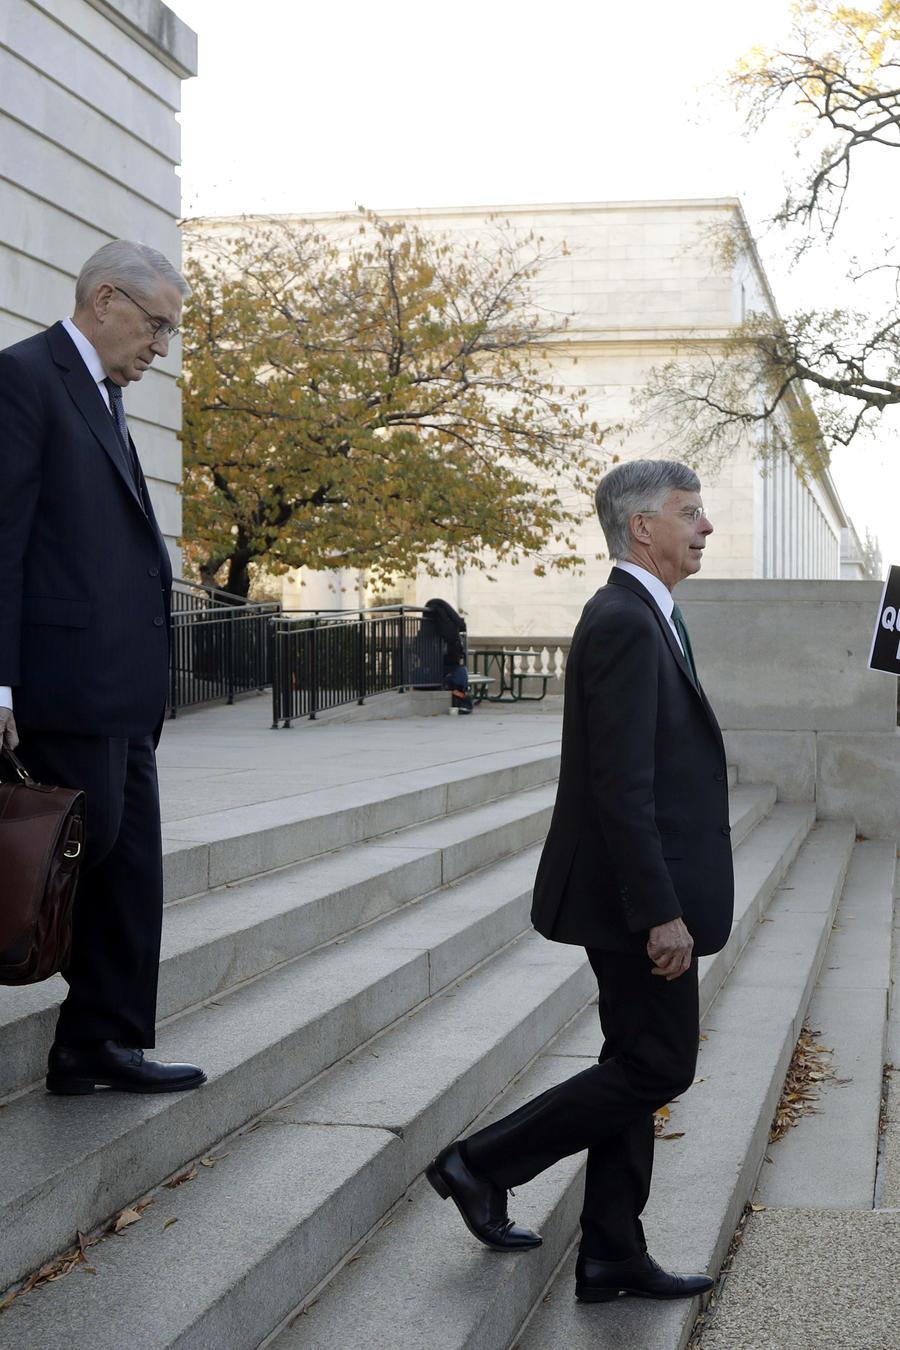 Estos fueron los momentos clave de la primera audiencia pública del juicio político contra Trump